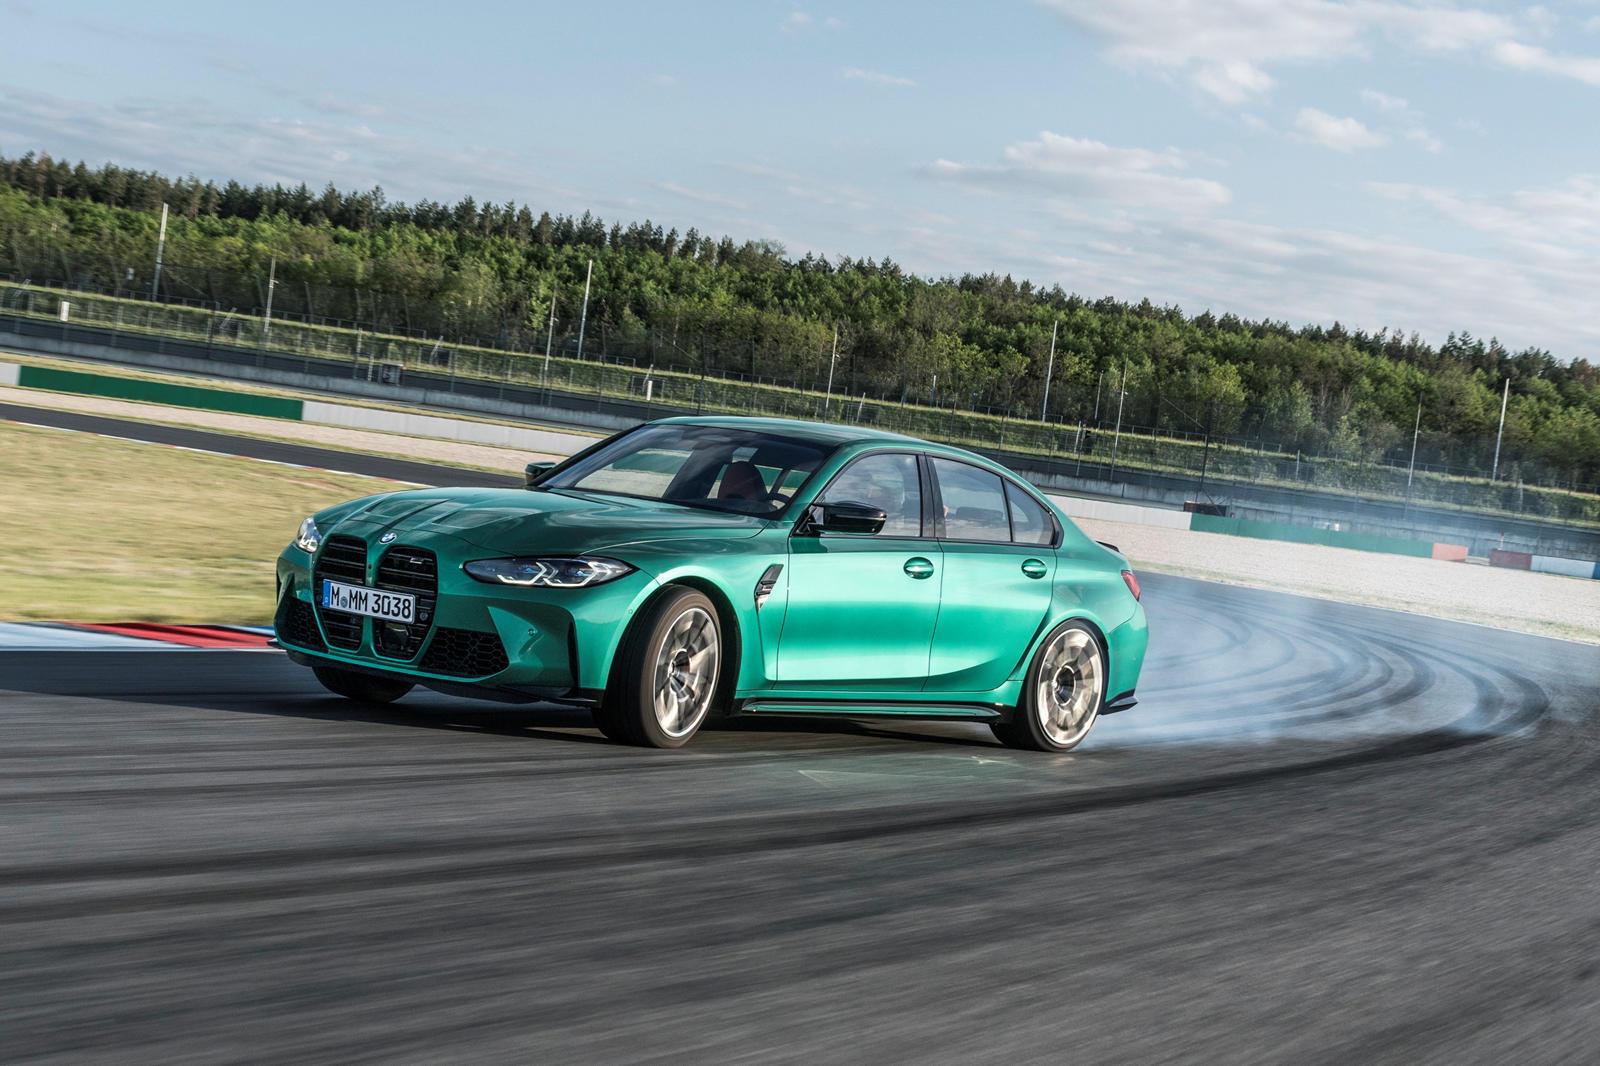 Таким образом, реклама не предполагала, что автомобиль движется со скоростью или с резким ускорением. В качестве радиорекламы вы также не могли увидеть опасное вождение M3 или M5, или любого другого транспортного средства, которое использовалось для